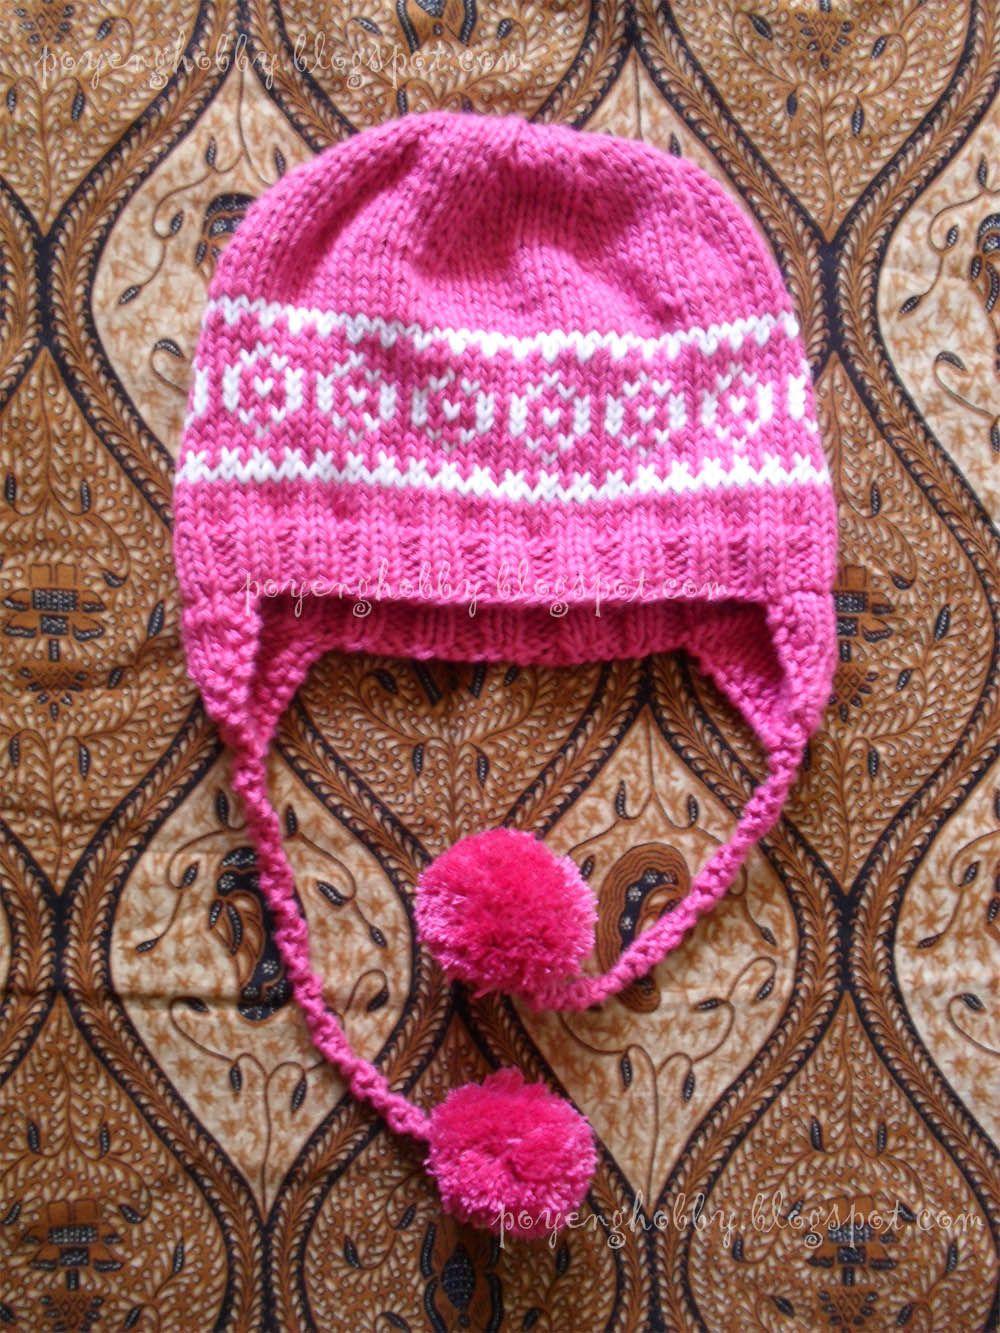 Ajeng Belajar Merajut: Rajut Free Knitting Pattern : Ear Flap Hat ...